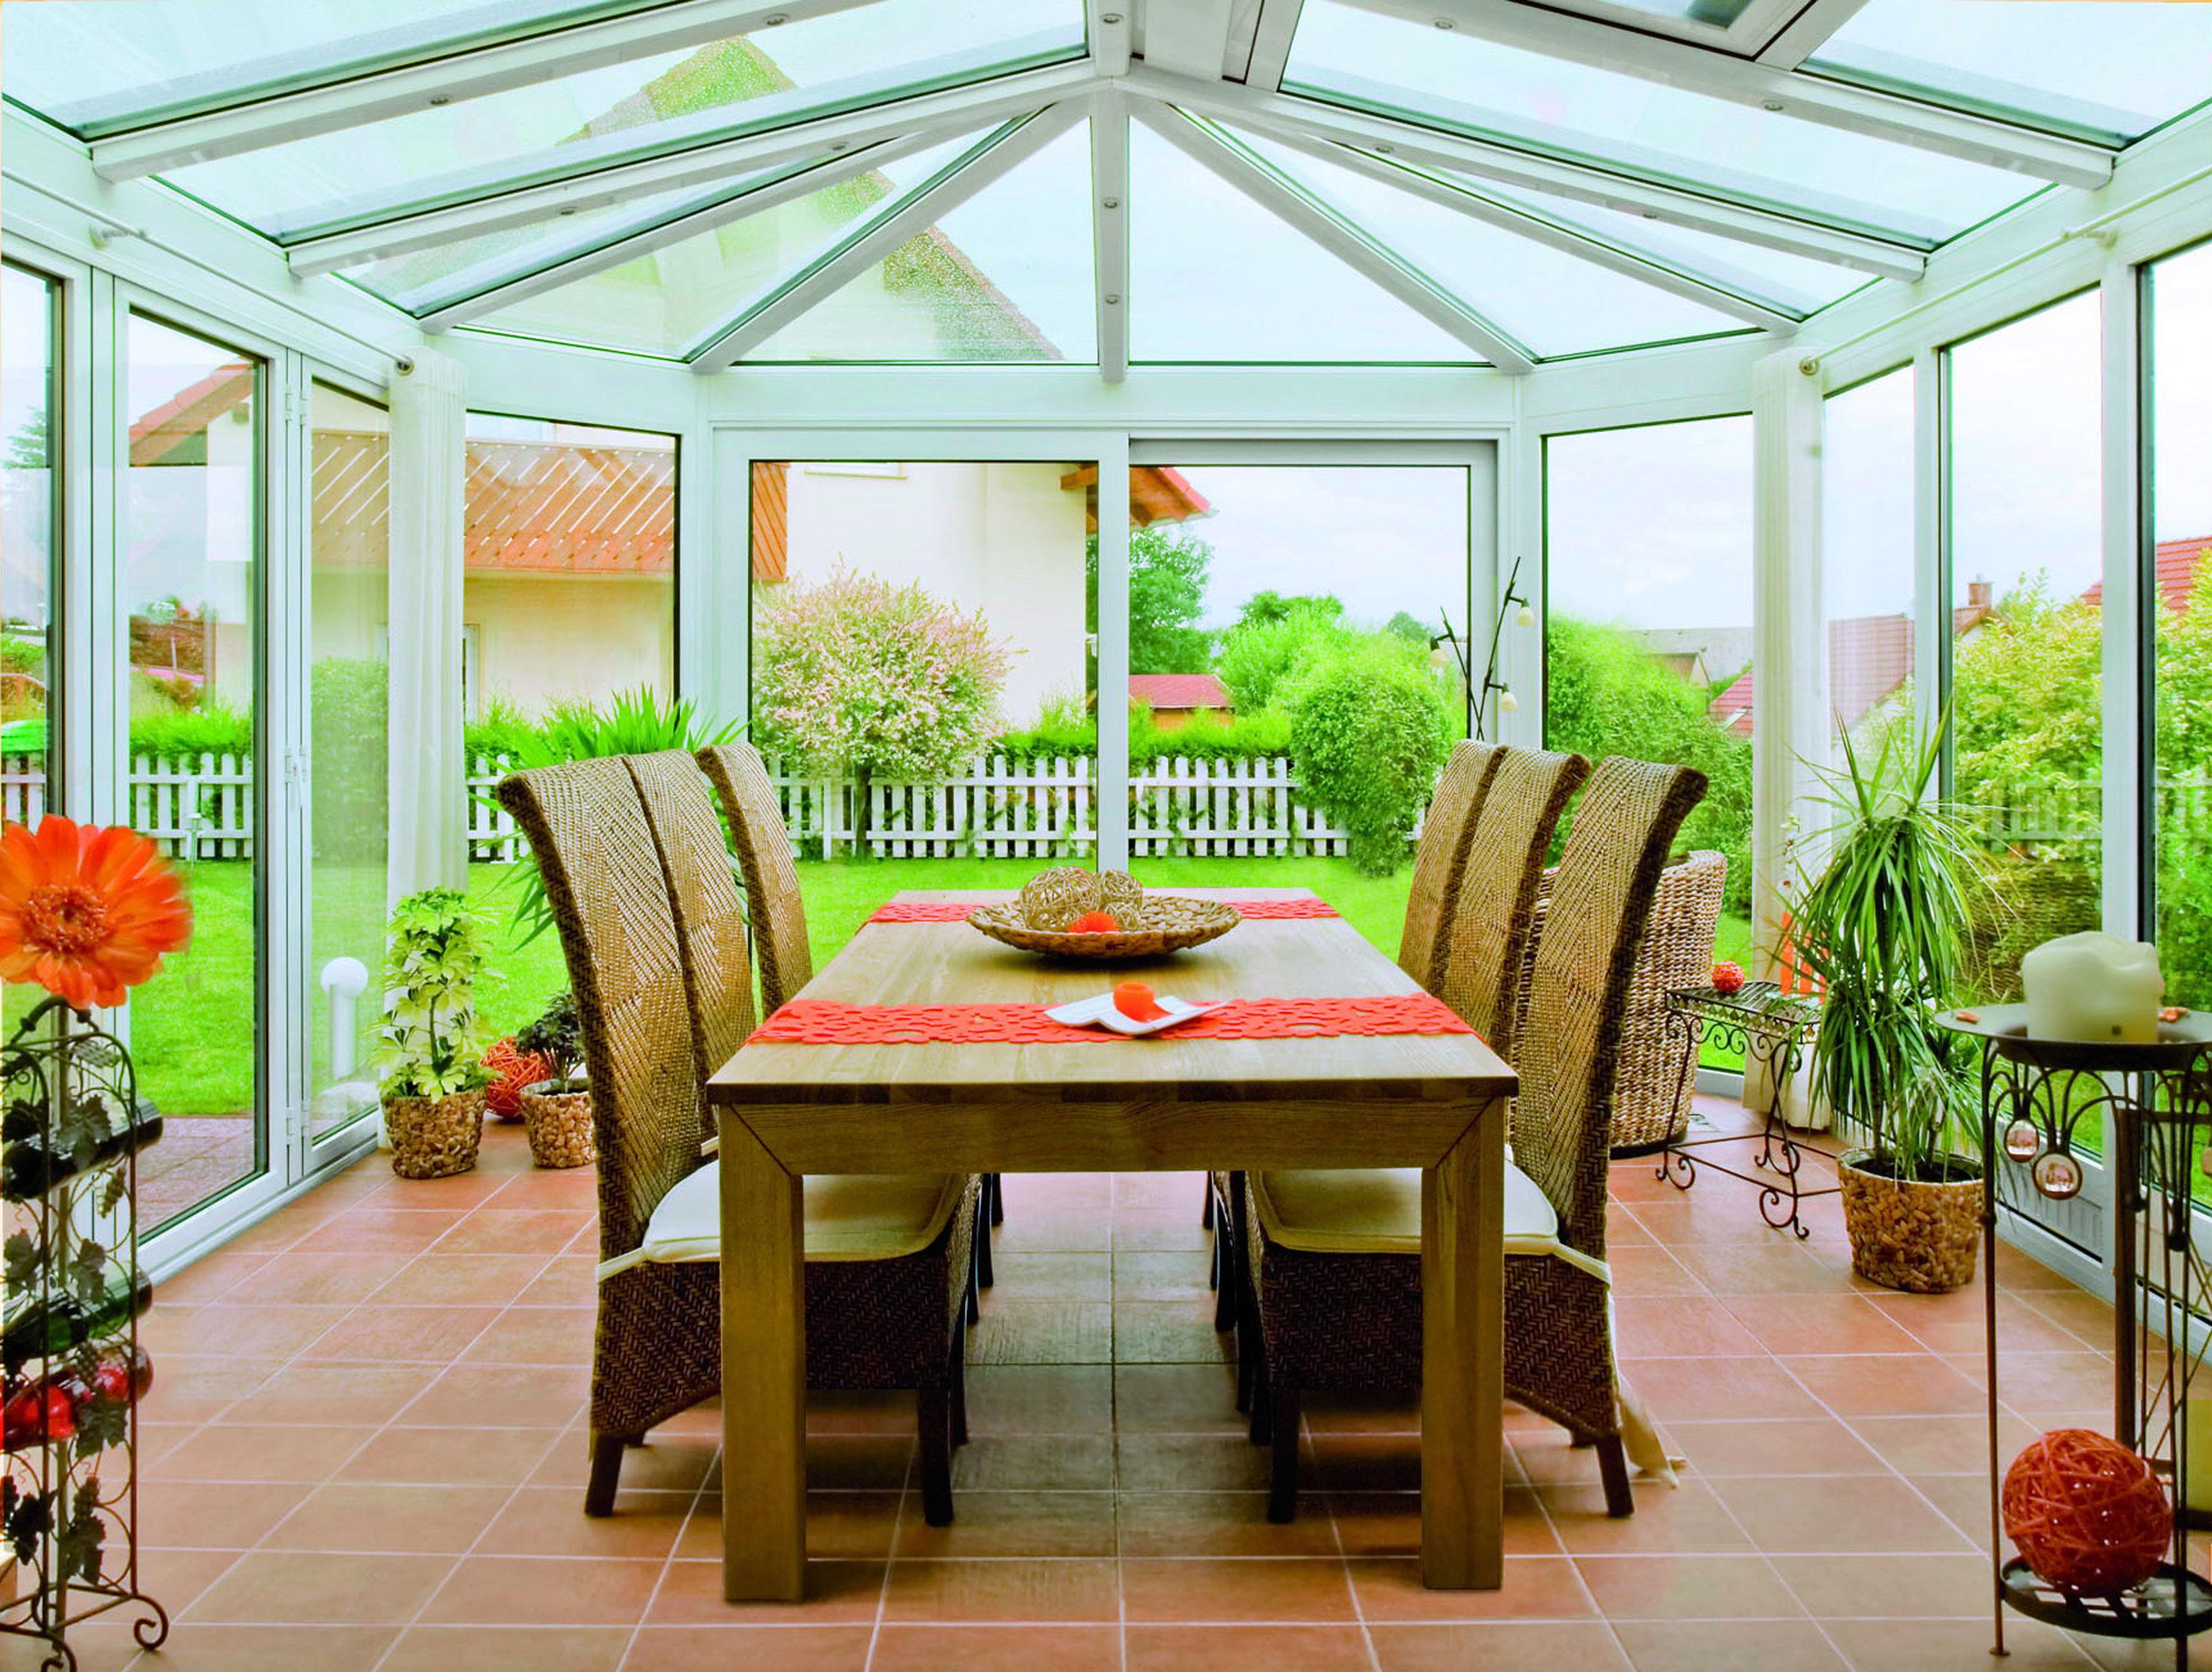 Le verande di oknoplast stanze a cielo aperto da vivere for Tavolo per veranda